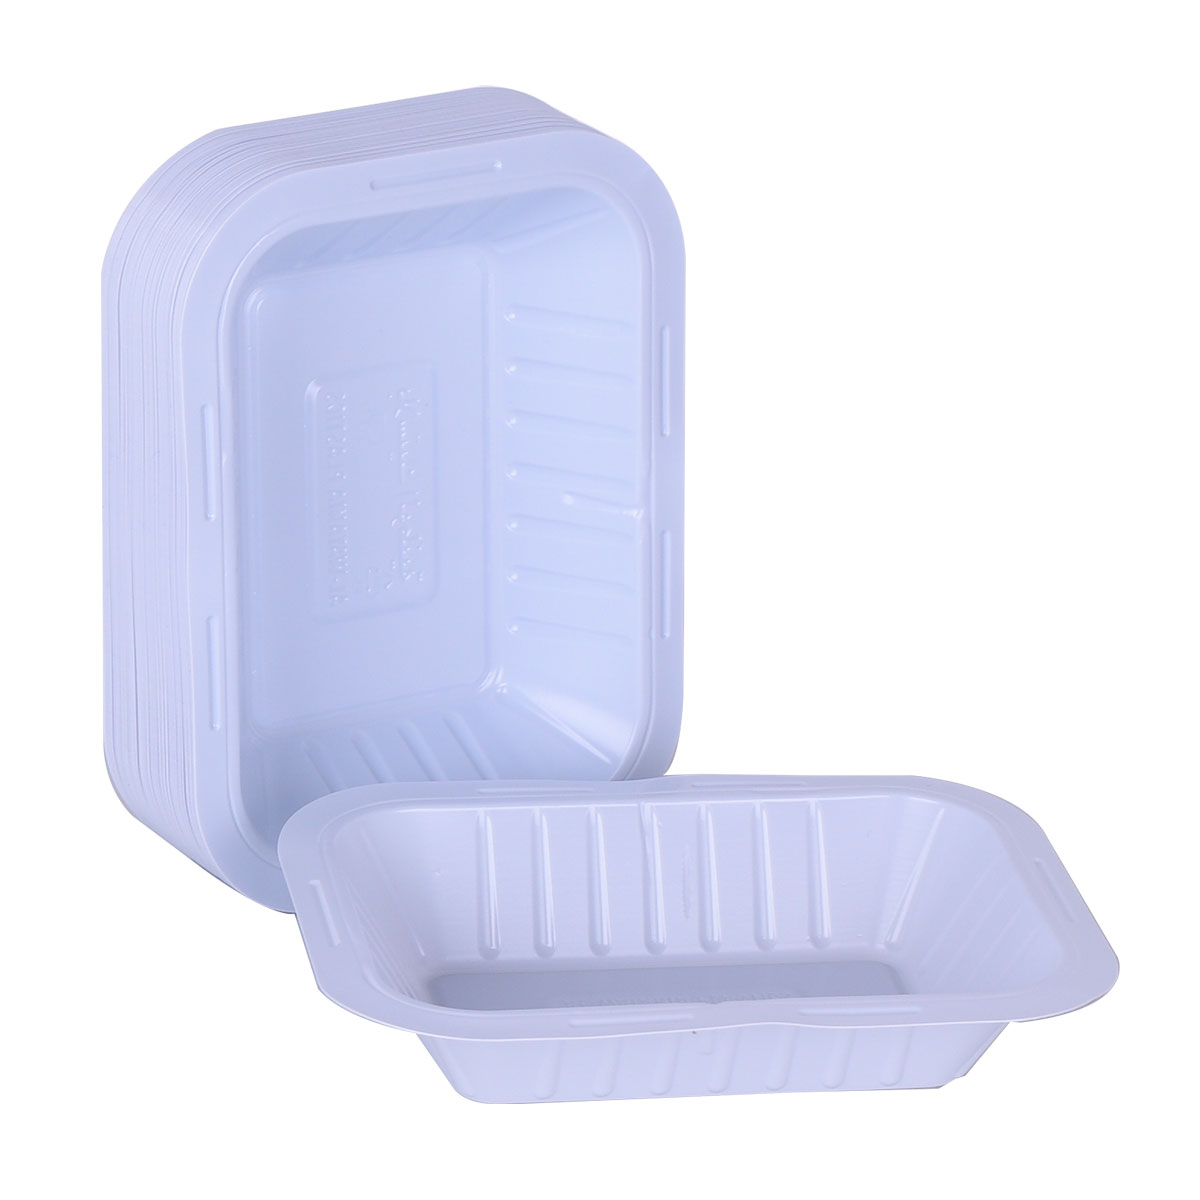 صحون بلاستيك الوطنية مستطيل - رقم 1 - 50 حبة